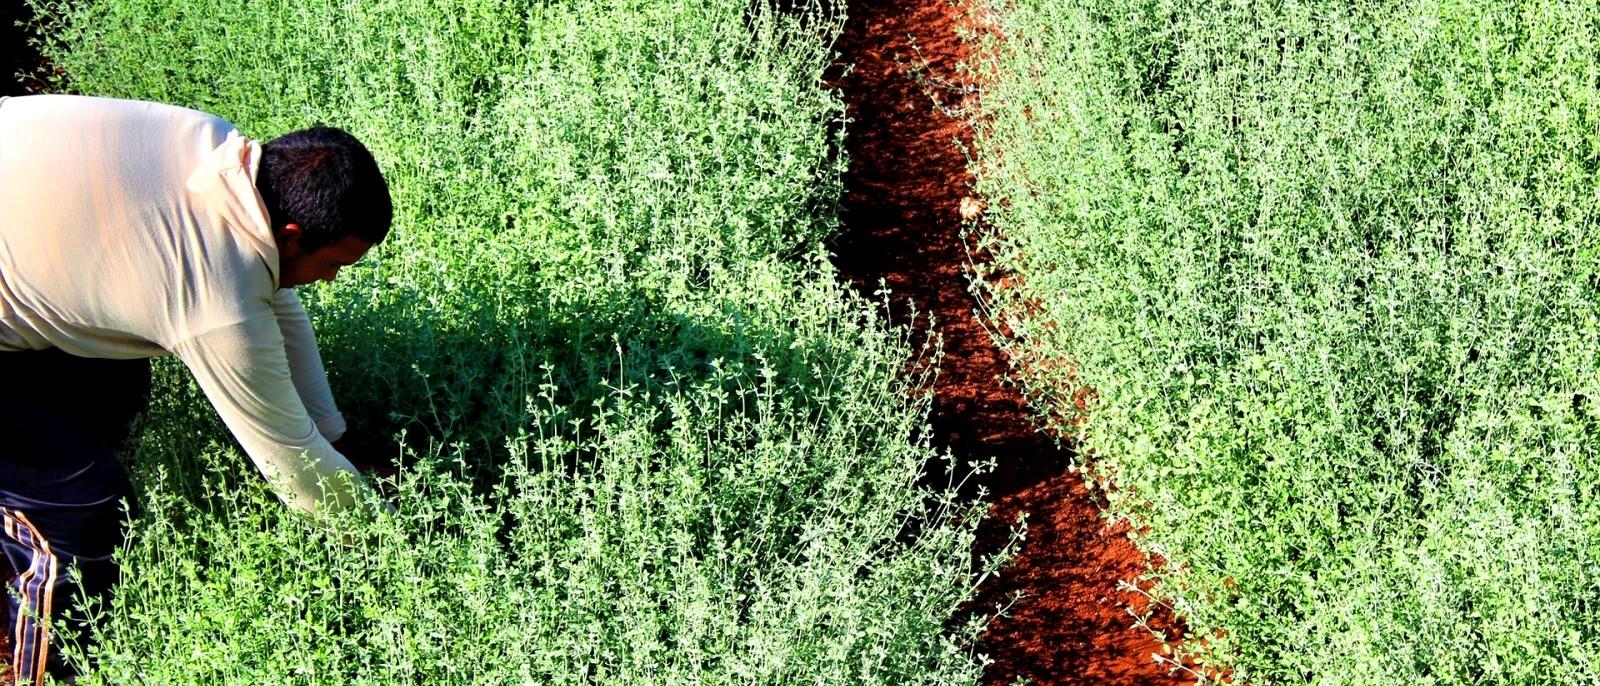 βιολογική καλλιέργεια του Θυμαριού biomastores.gr 4